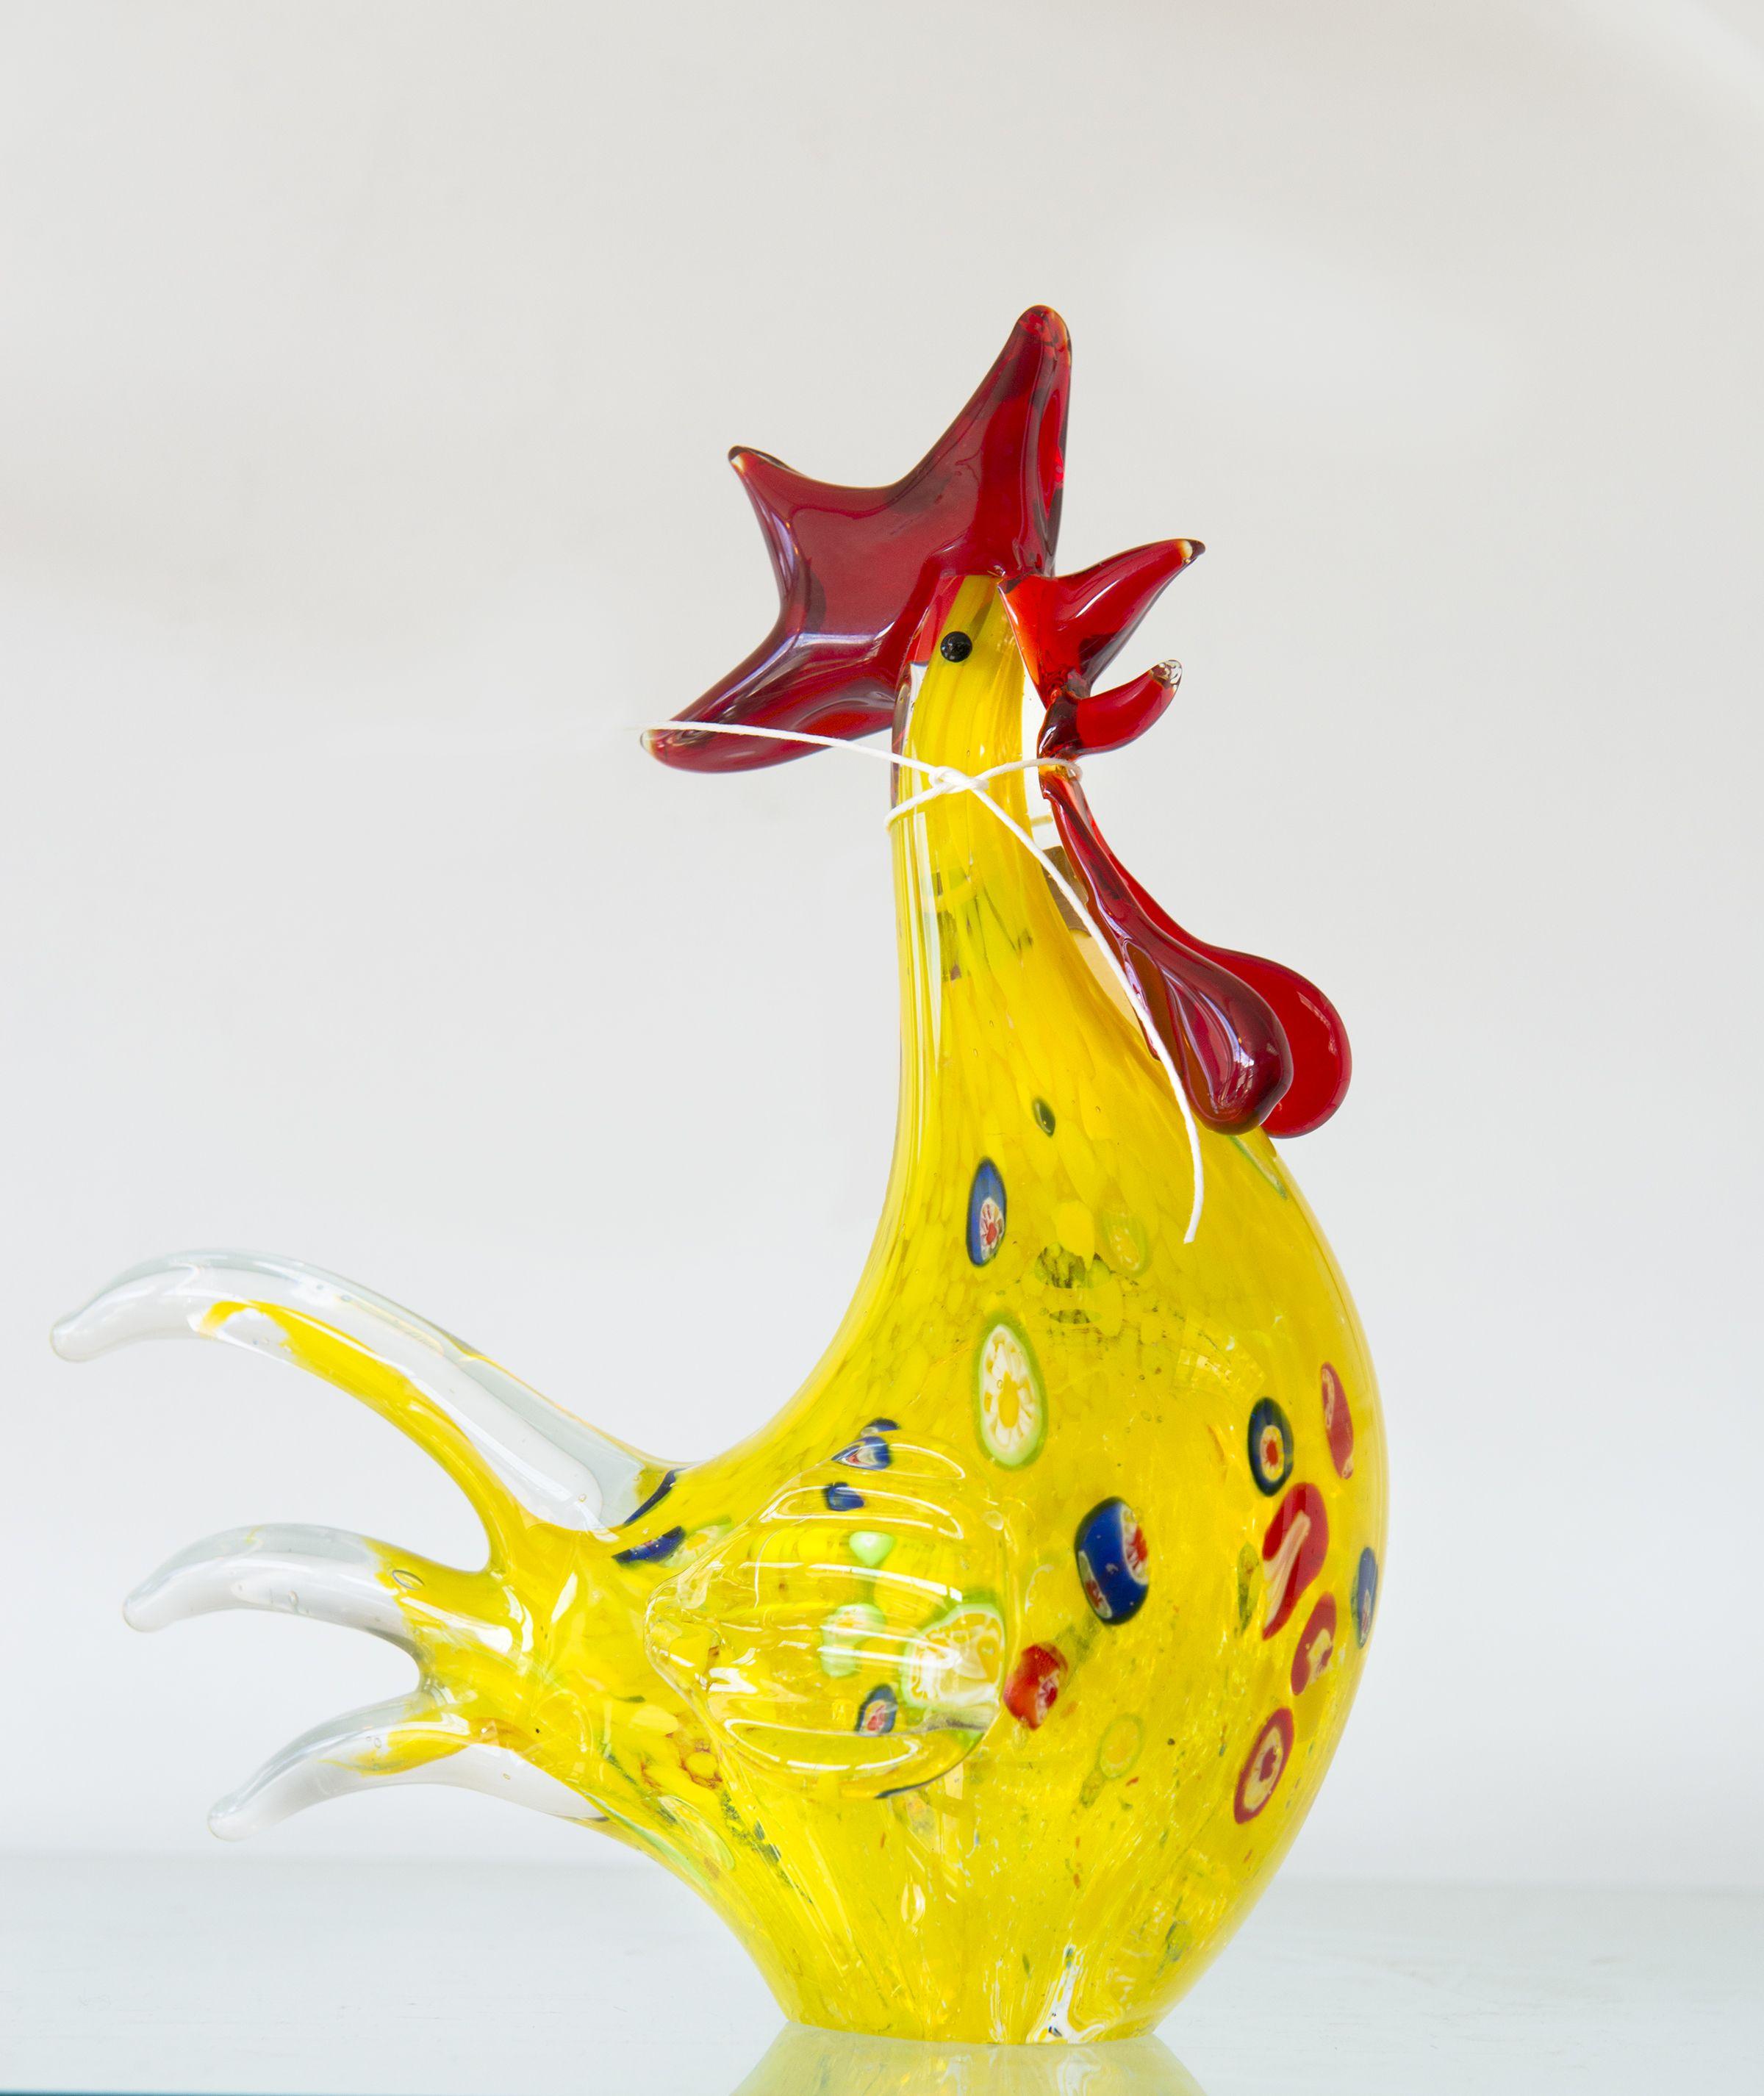 murano glass rooster | Murano Glass | Pinterest | Murano glass ...